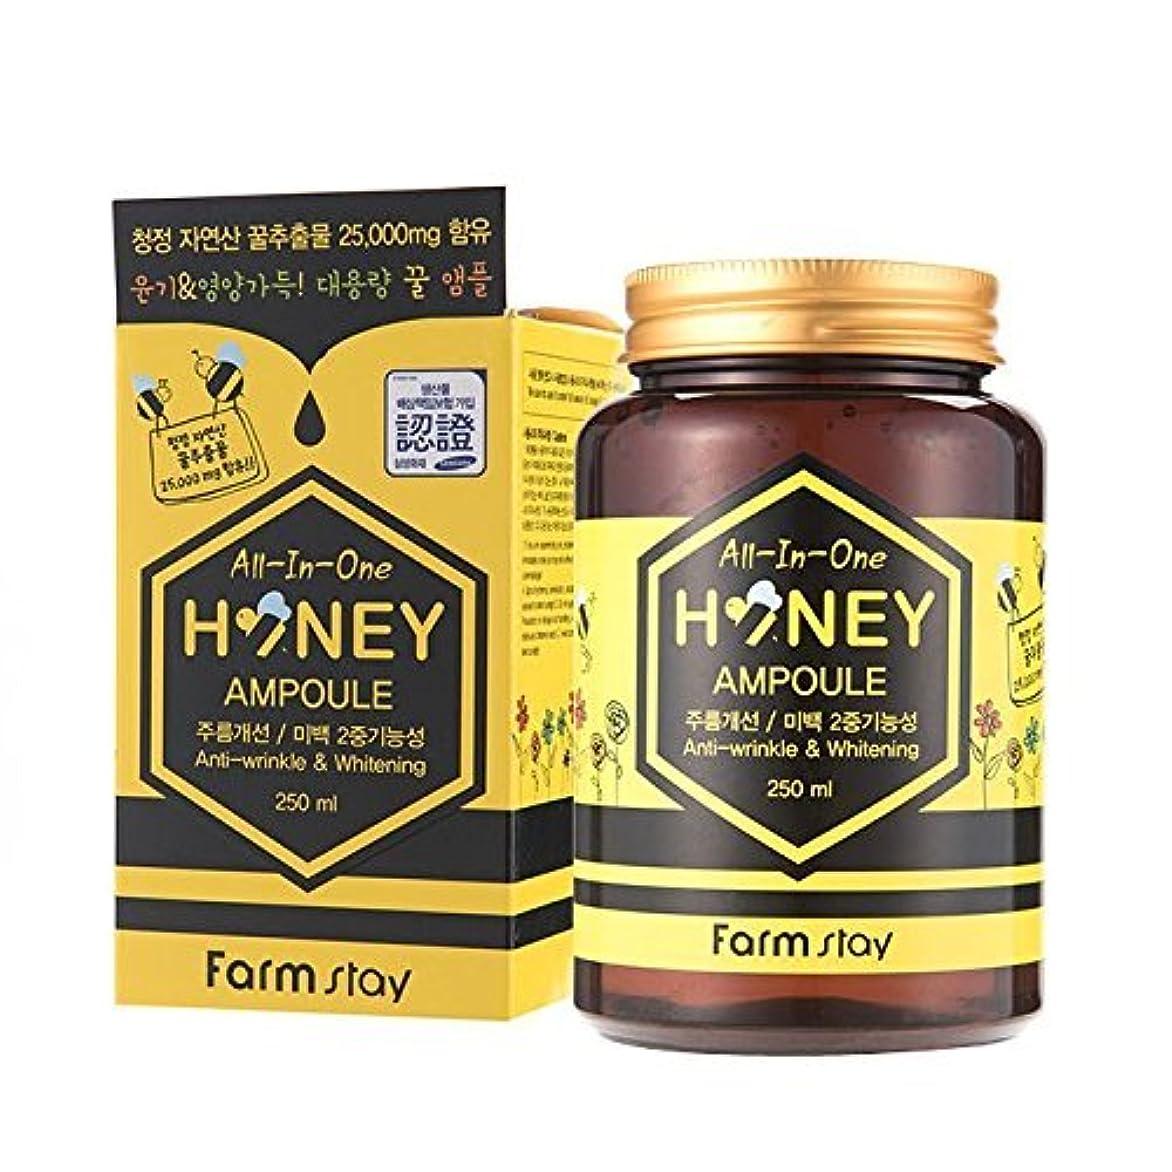 あたりマンハッタン広告主ファームステイ[韓国コスメFarm Stay]All In One Honey Ampoule オールインワンハニーアンプル250ml/ローヤルゼリー、プロポリス [並行輸入品]